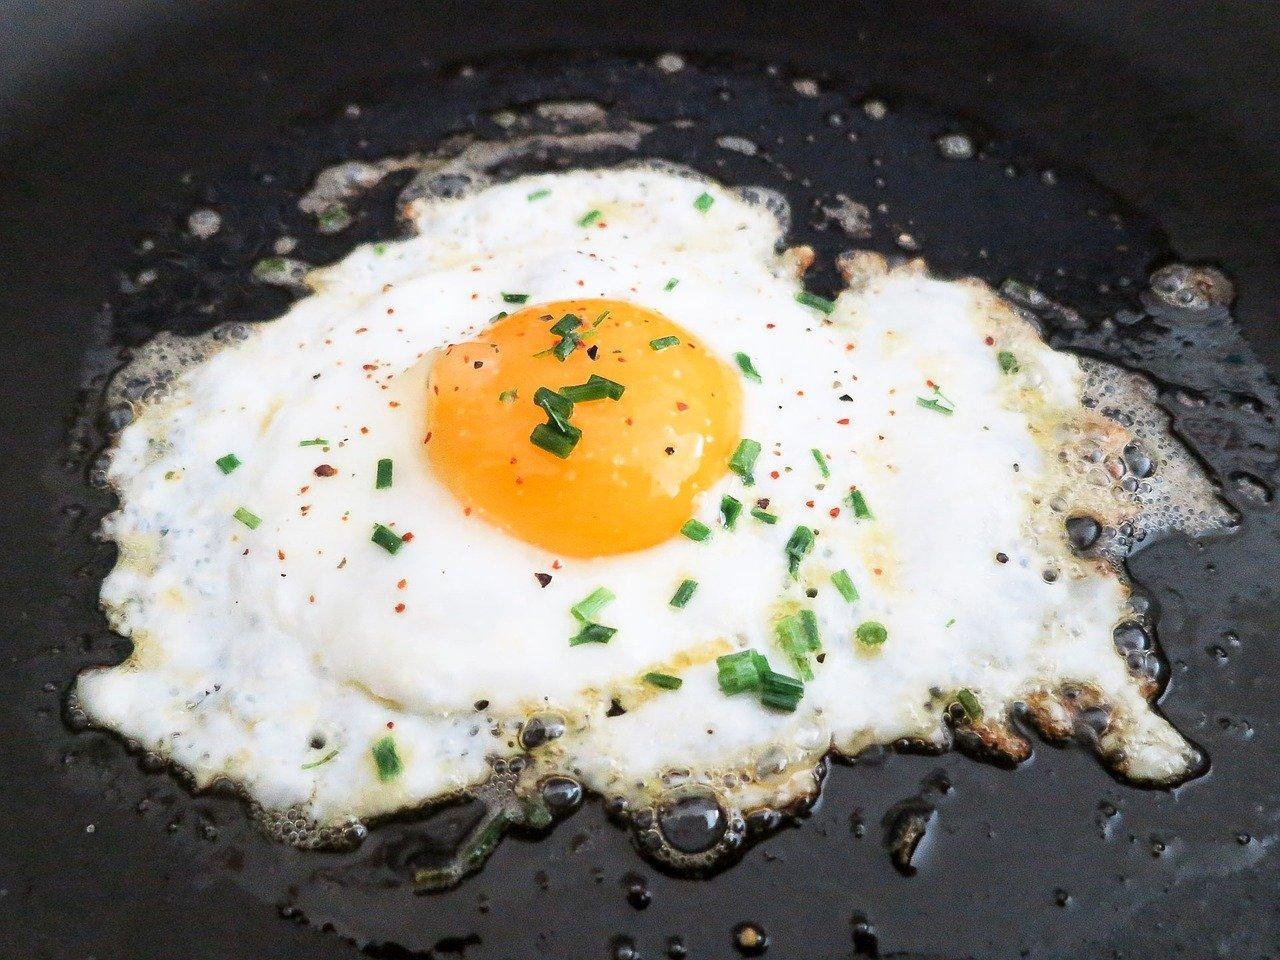 Das richtige Protein finden mit Dr. Gabriela Hoppe | Erfolg durch Ernährung | Deine Ernährungsspezialistin & Heilpraktik/Isernhagen - Bild by Pixabay